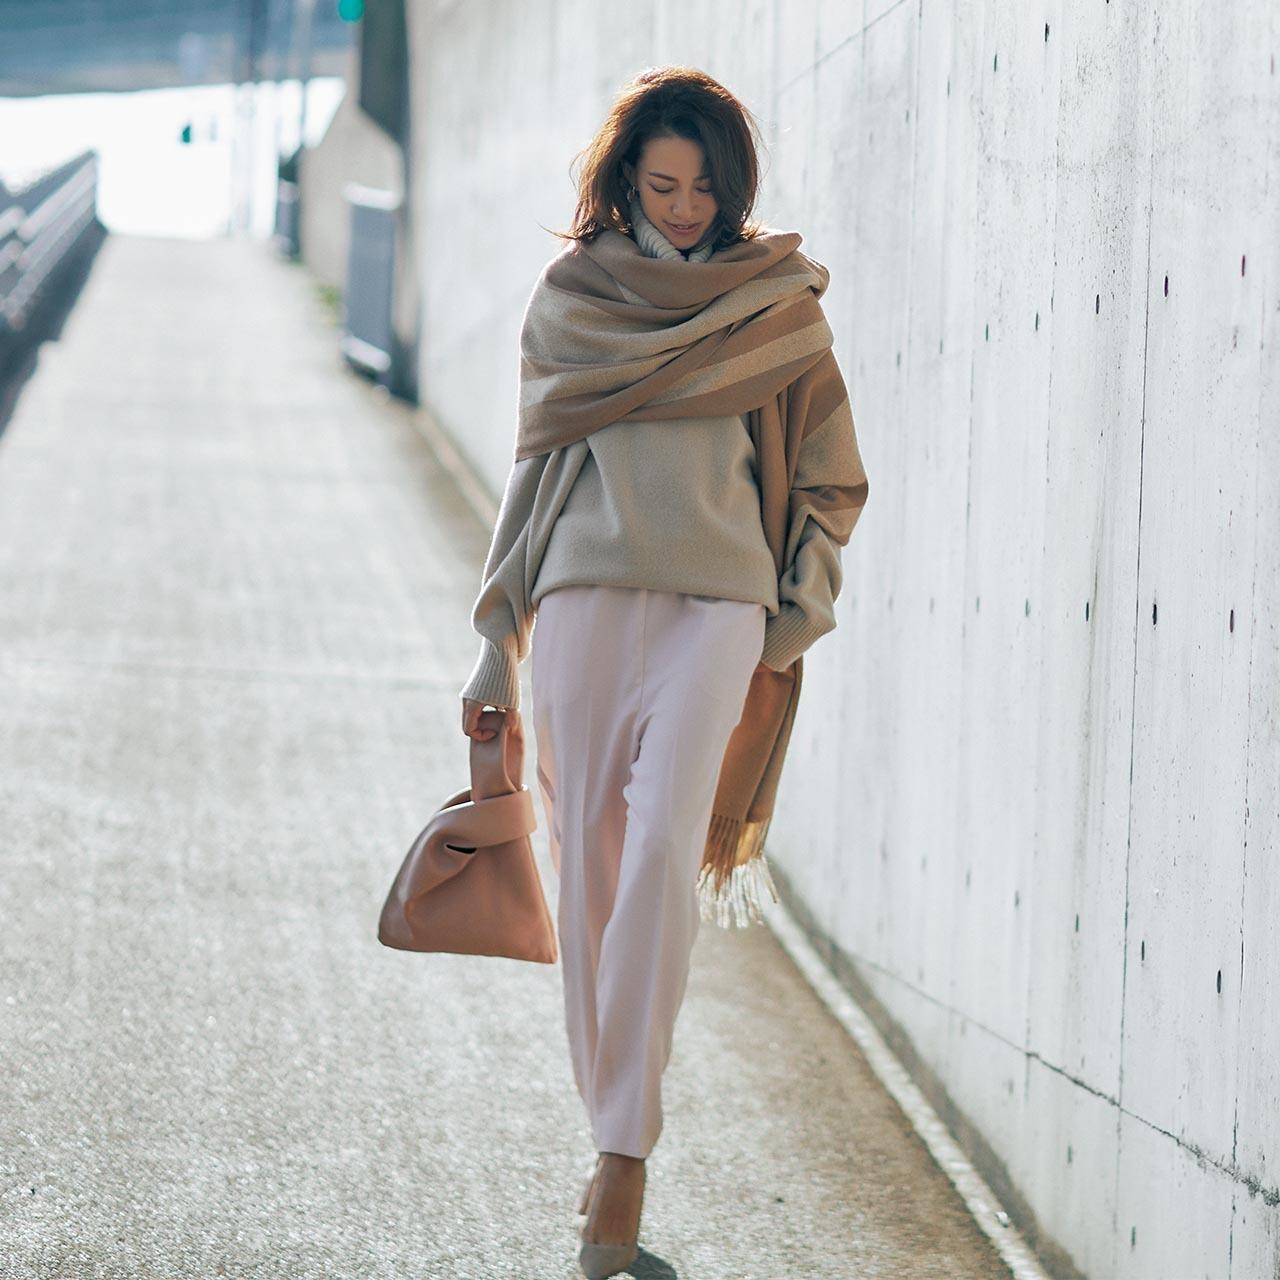 ペールピンクパンツ×ベージュニットのファッションコーデ